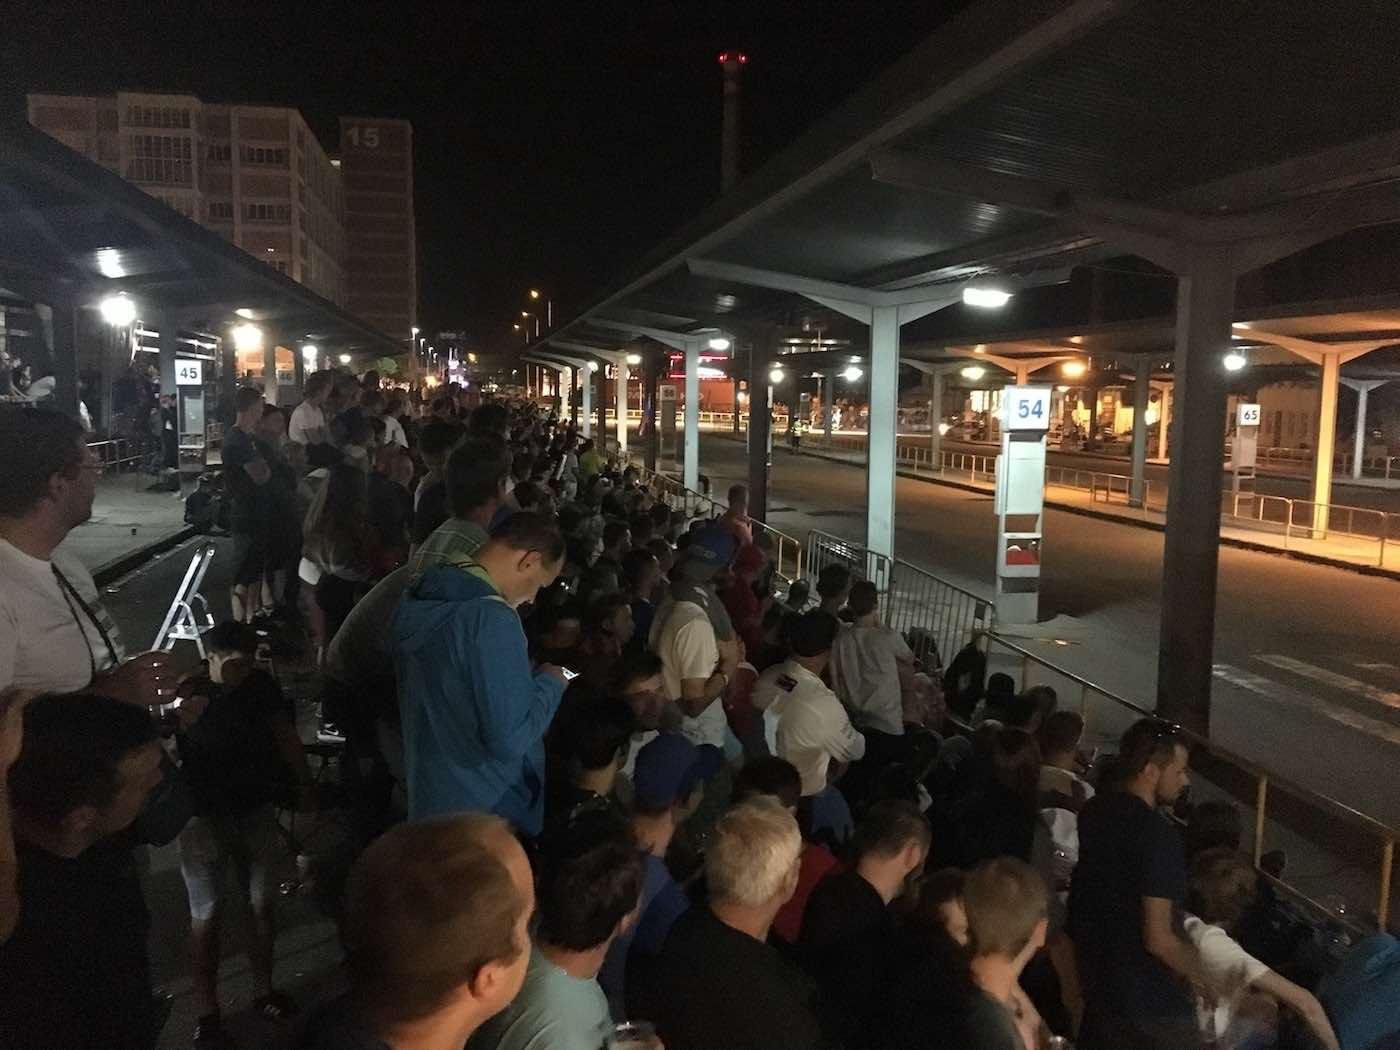 Autobusové nádraží ve Zlíně v obležení fanoušků